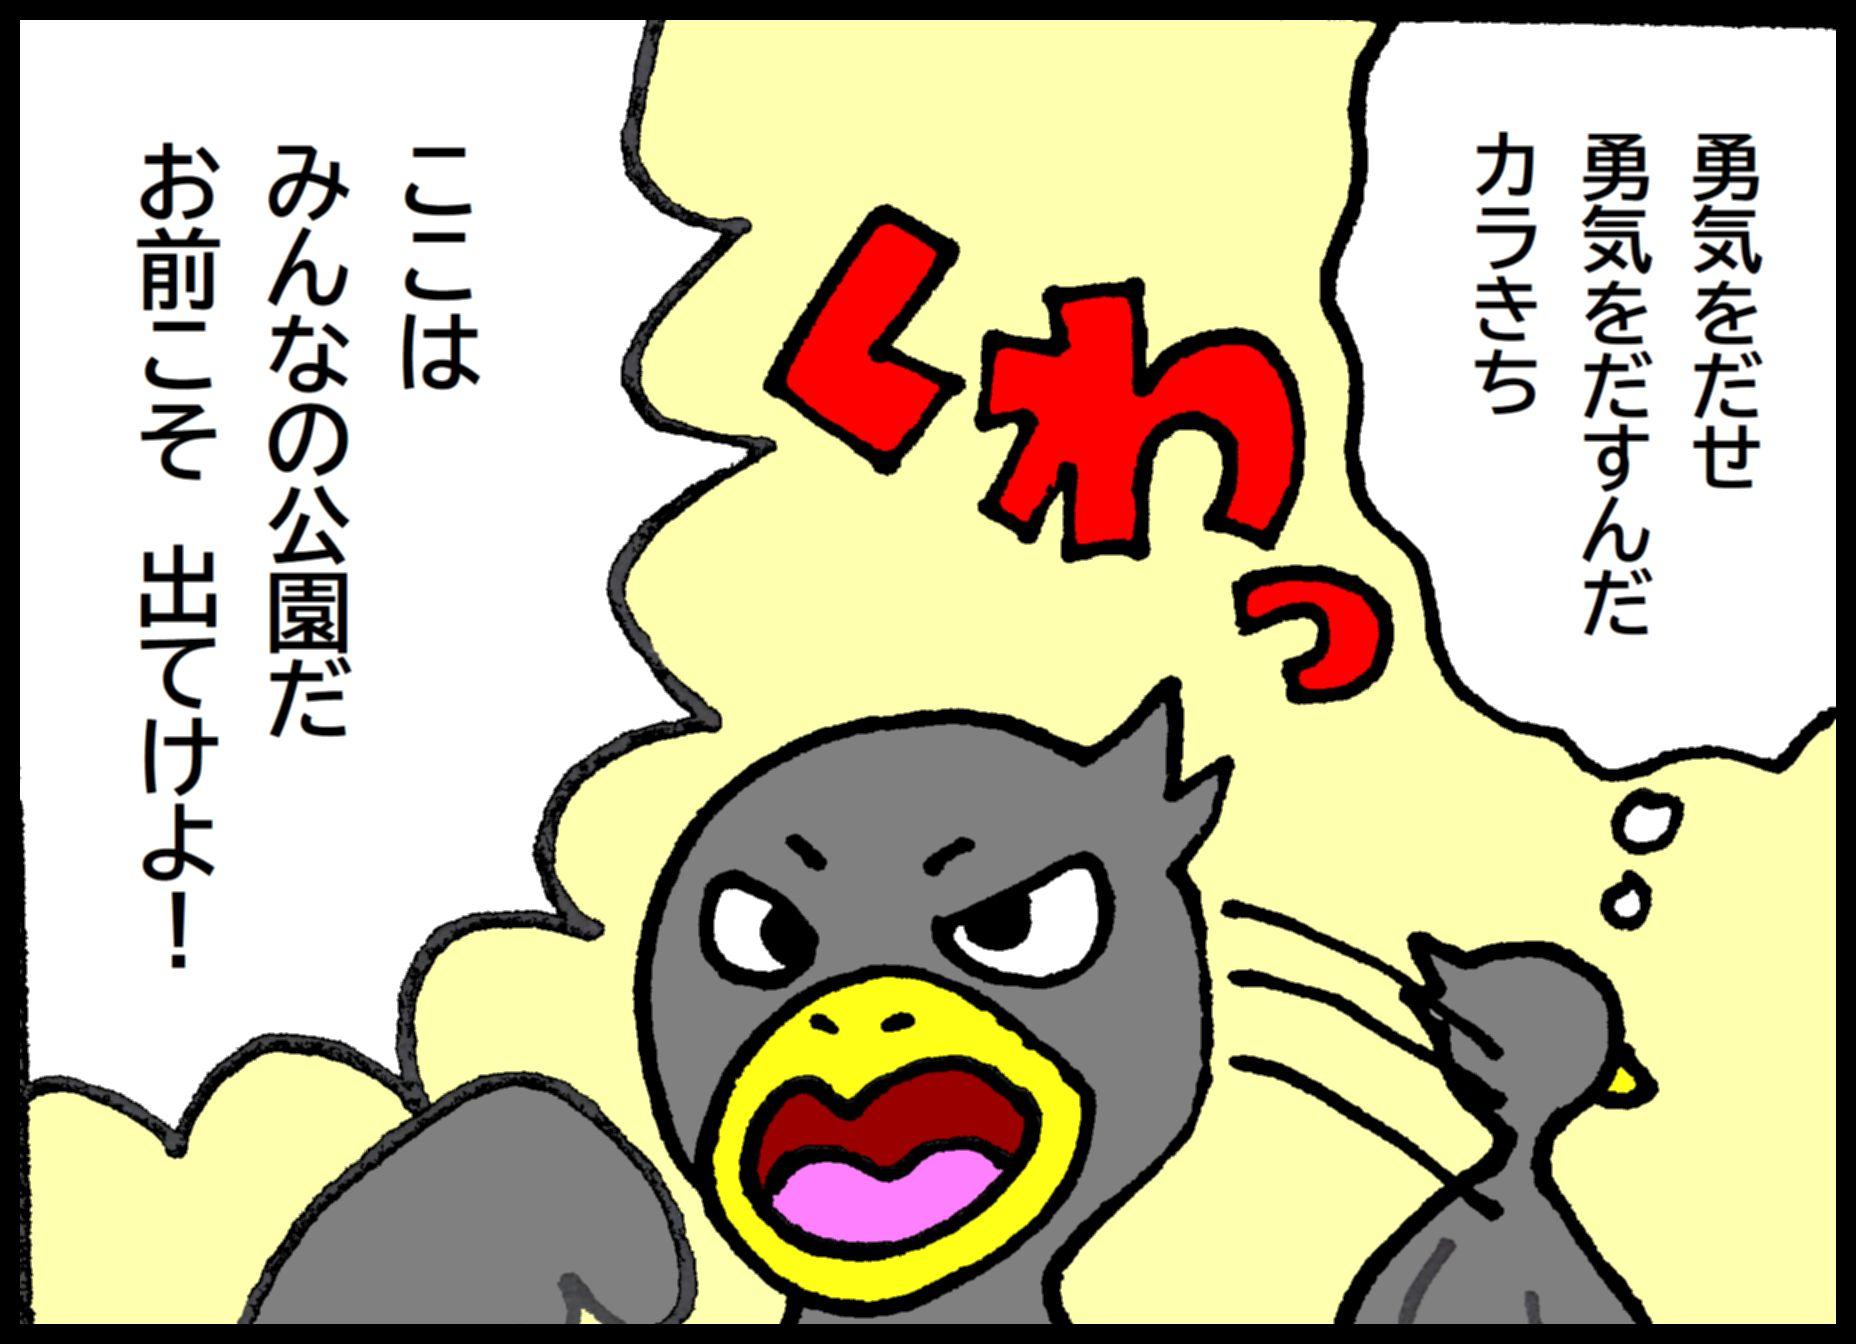 『夕やけちょこ』その38「出てけよ!」(3)